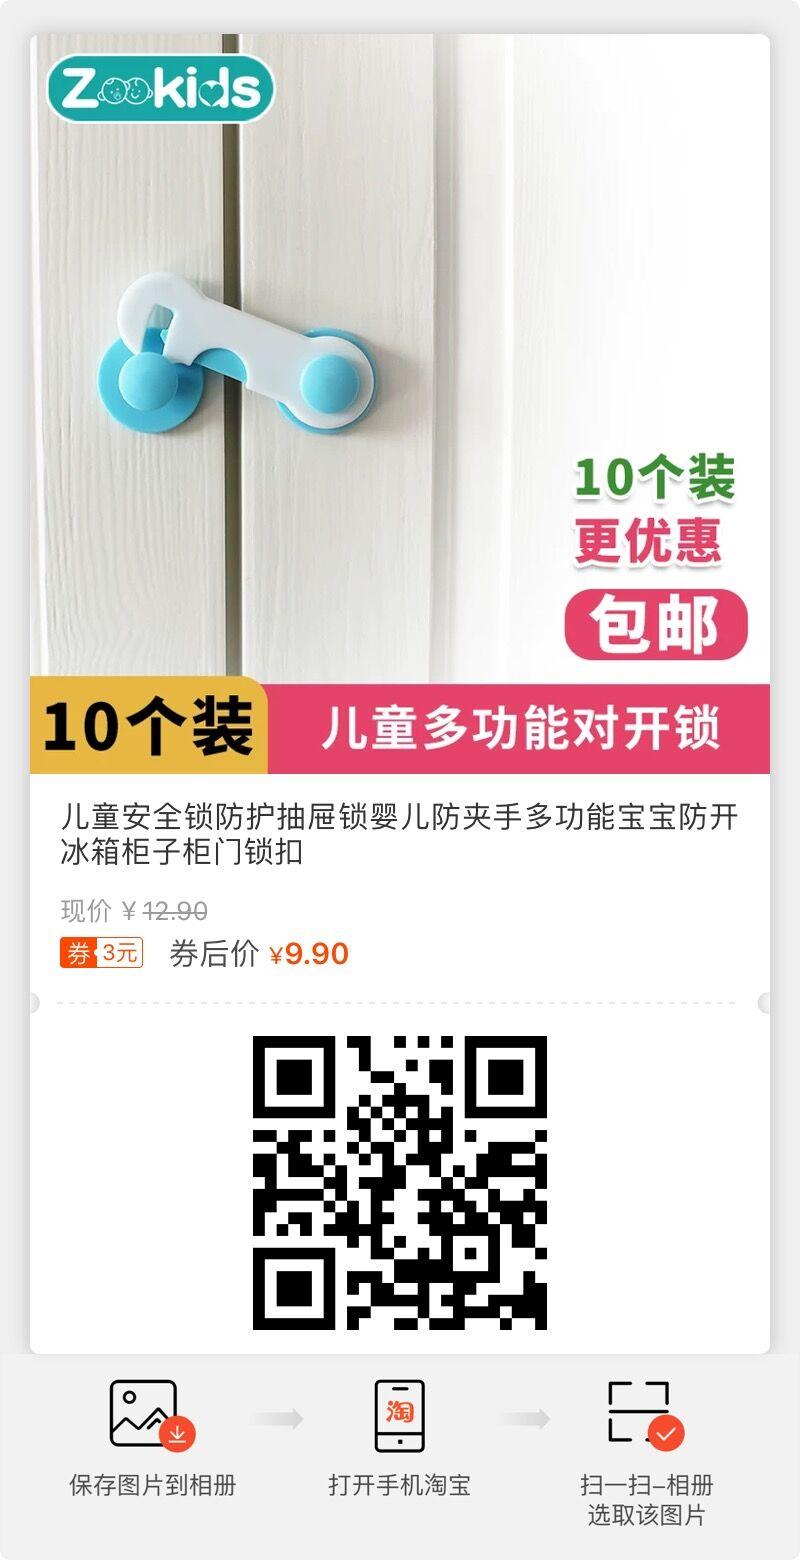 儿童安全防护锁 直接粘在门上 可用于抽屉、冰箱门